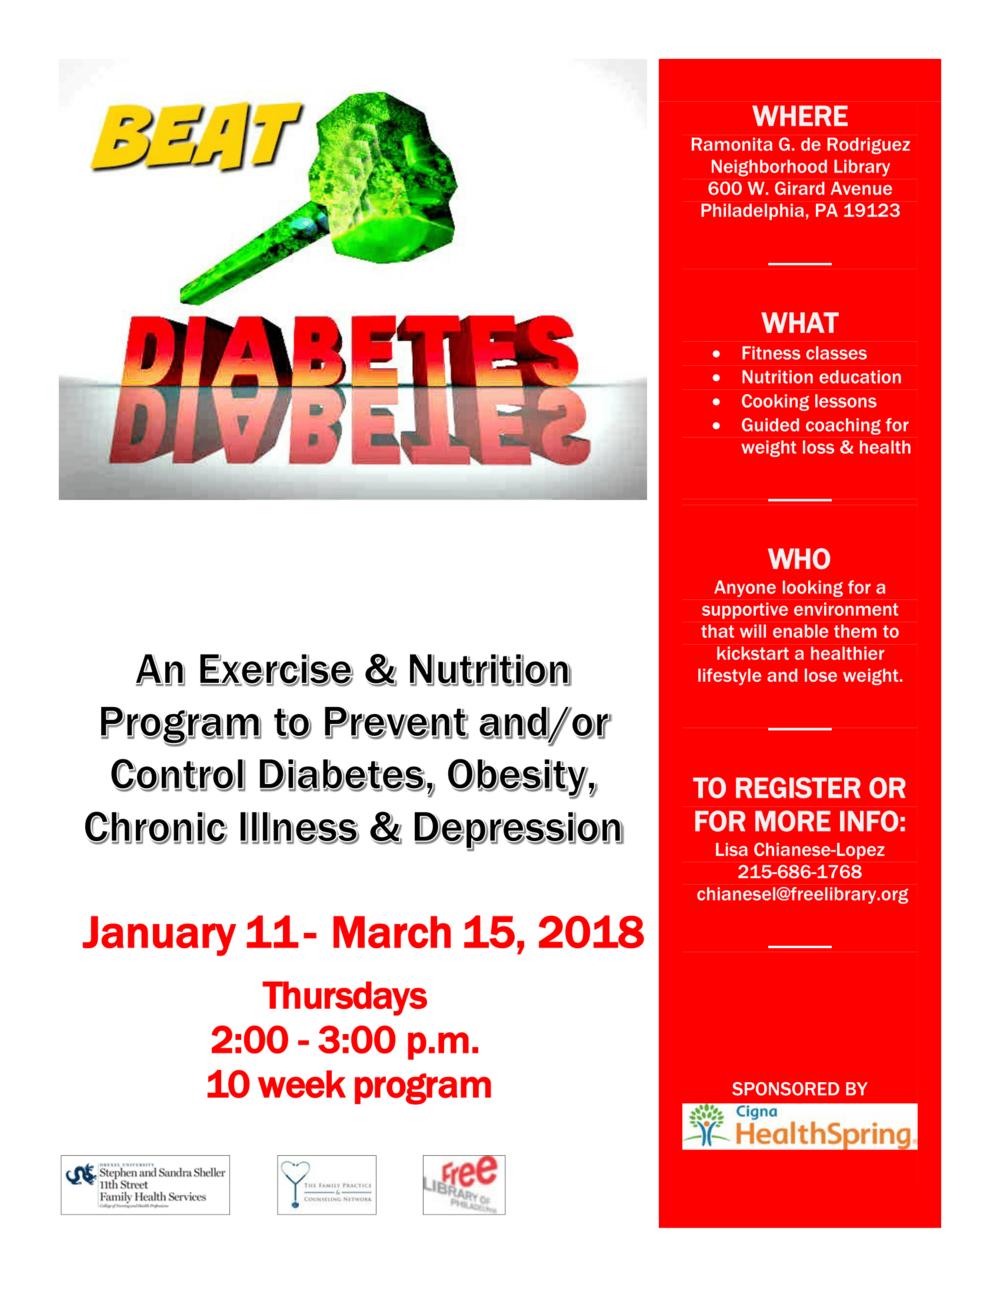 Beat DiabetesNew1_2_18-1.png